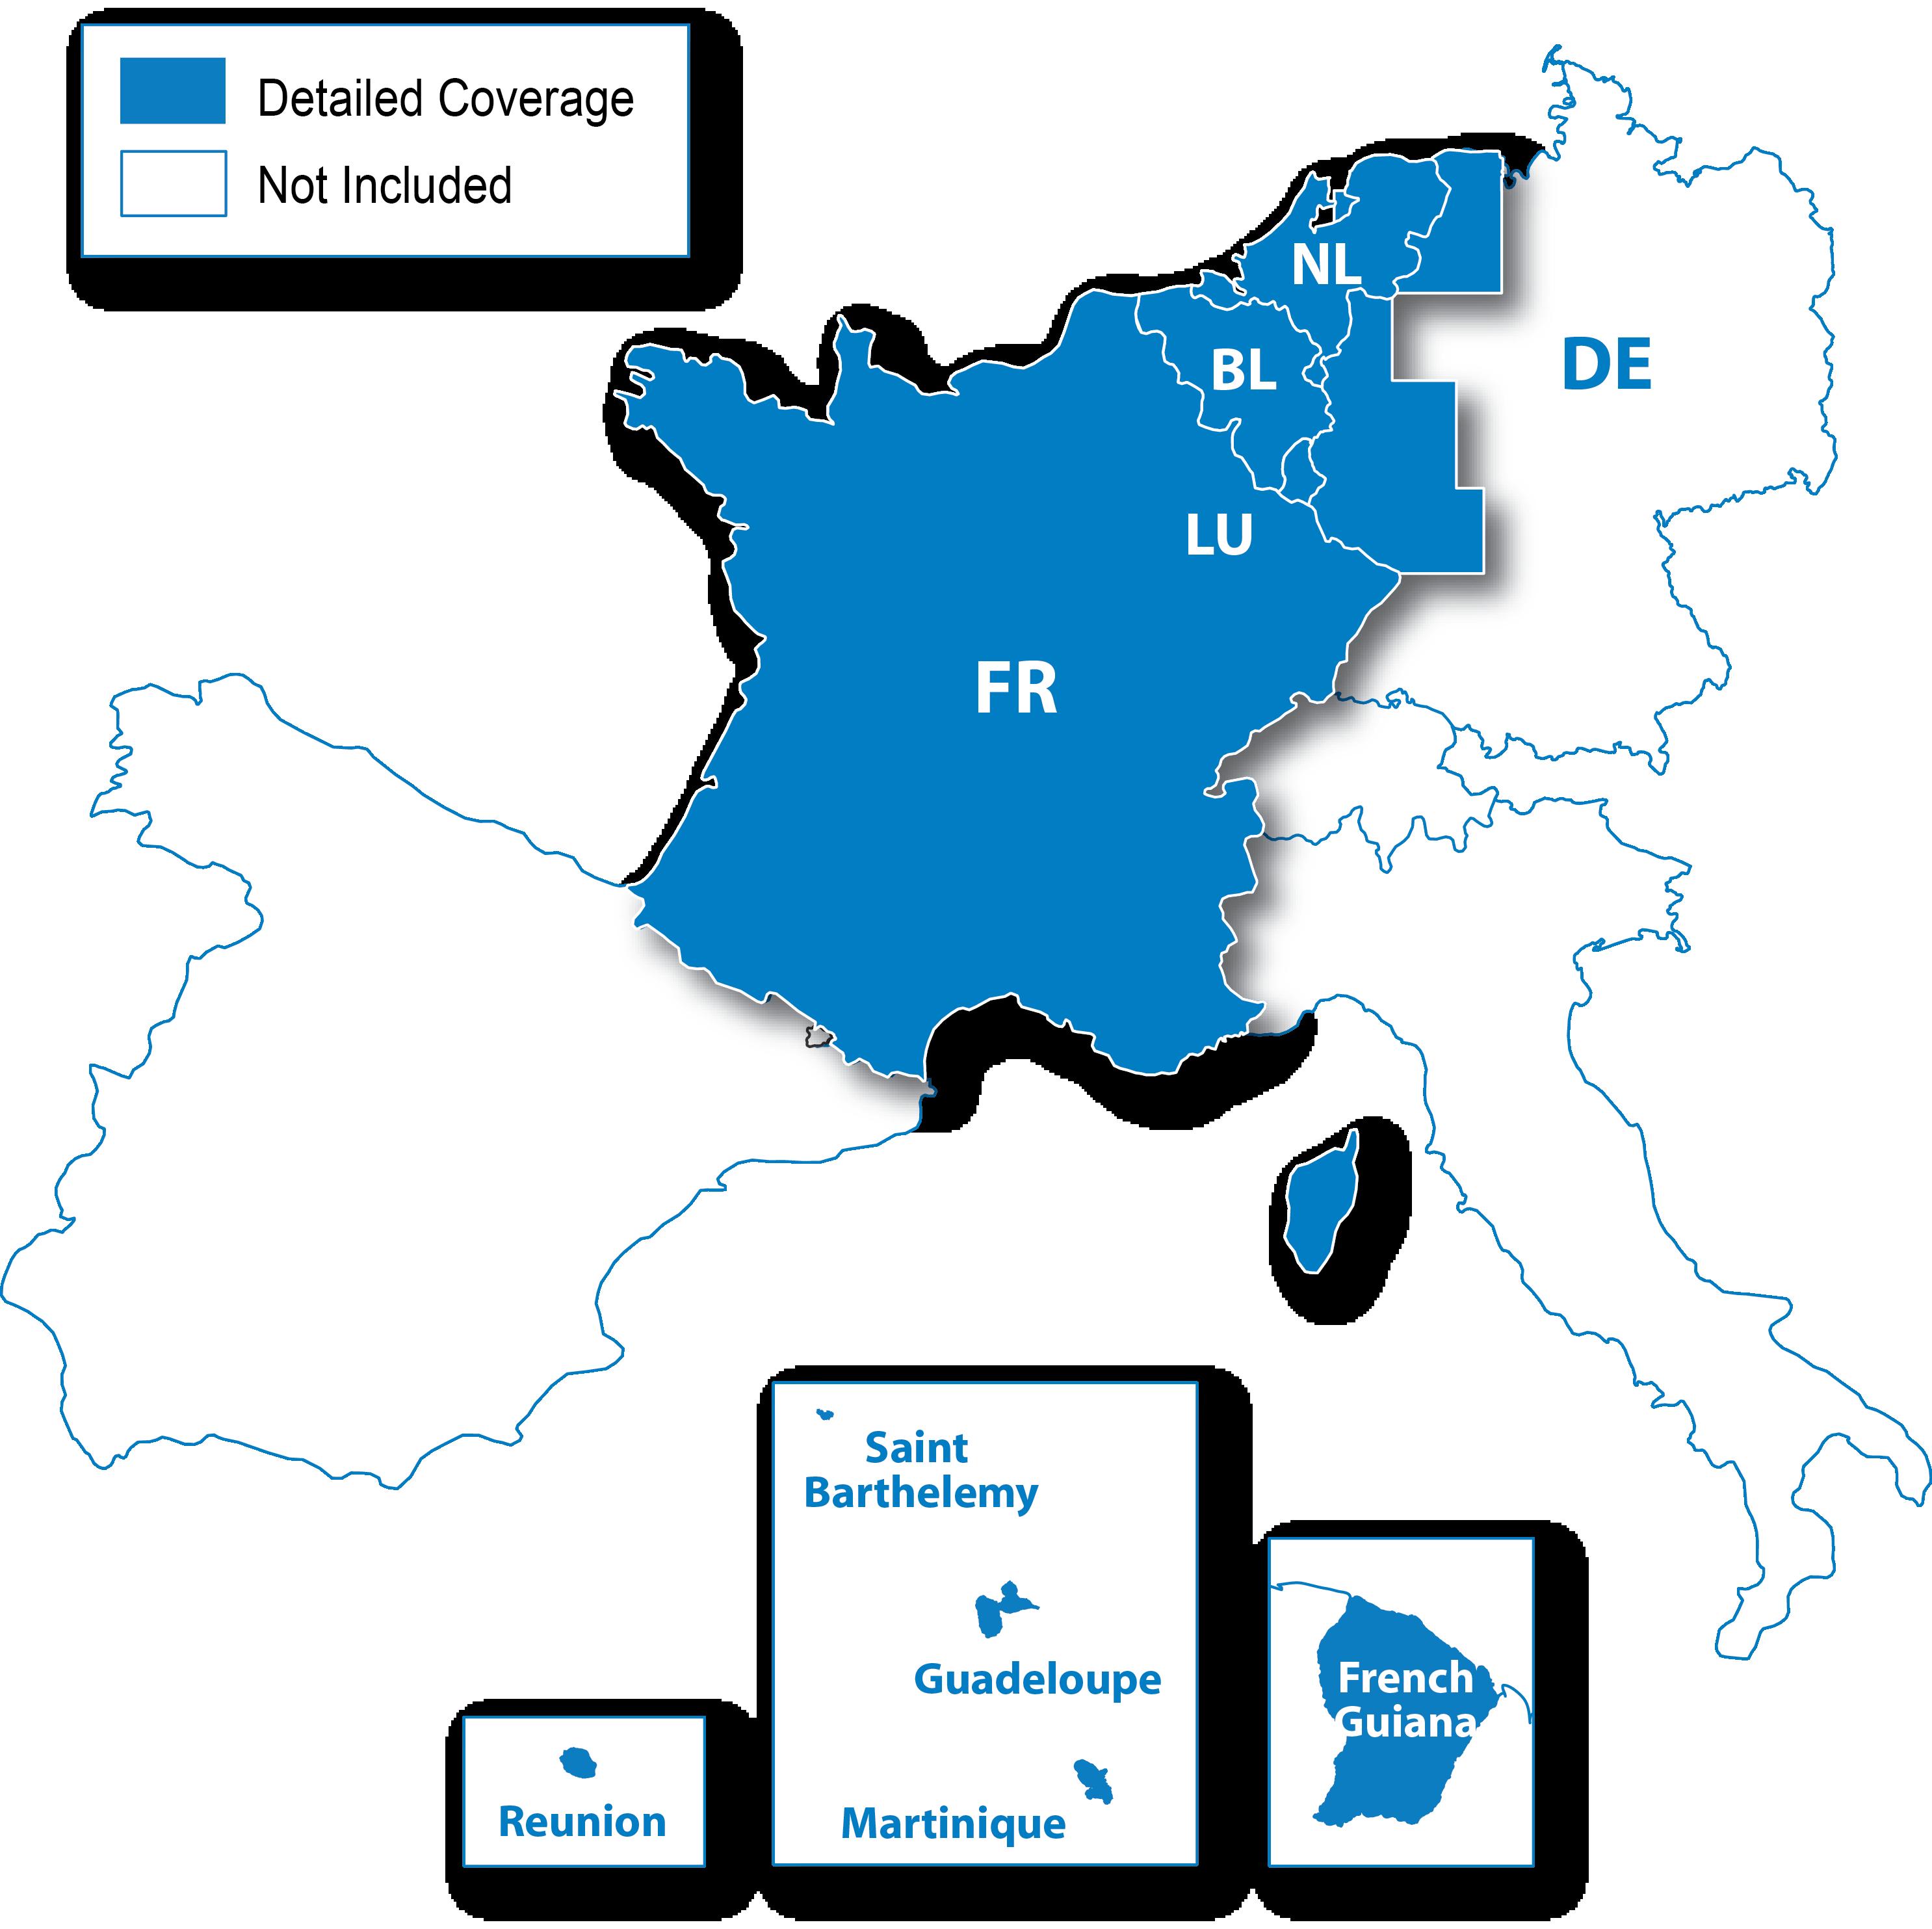 Kanaren Karte Europa.Europa Kartenregionen Lander Und Gebiete Die Als Regionen